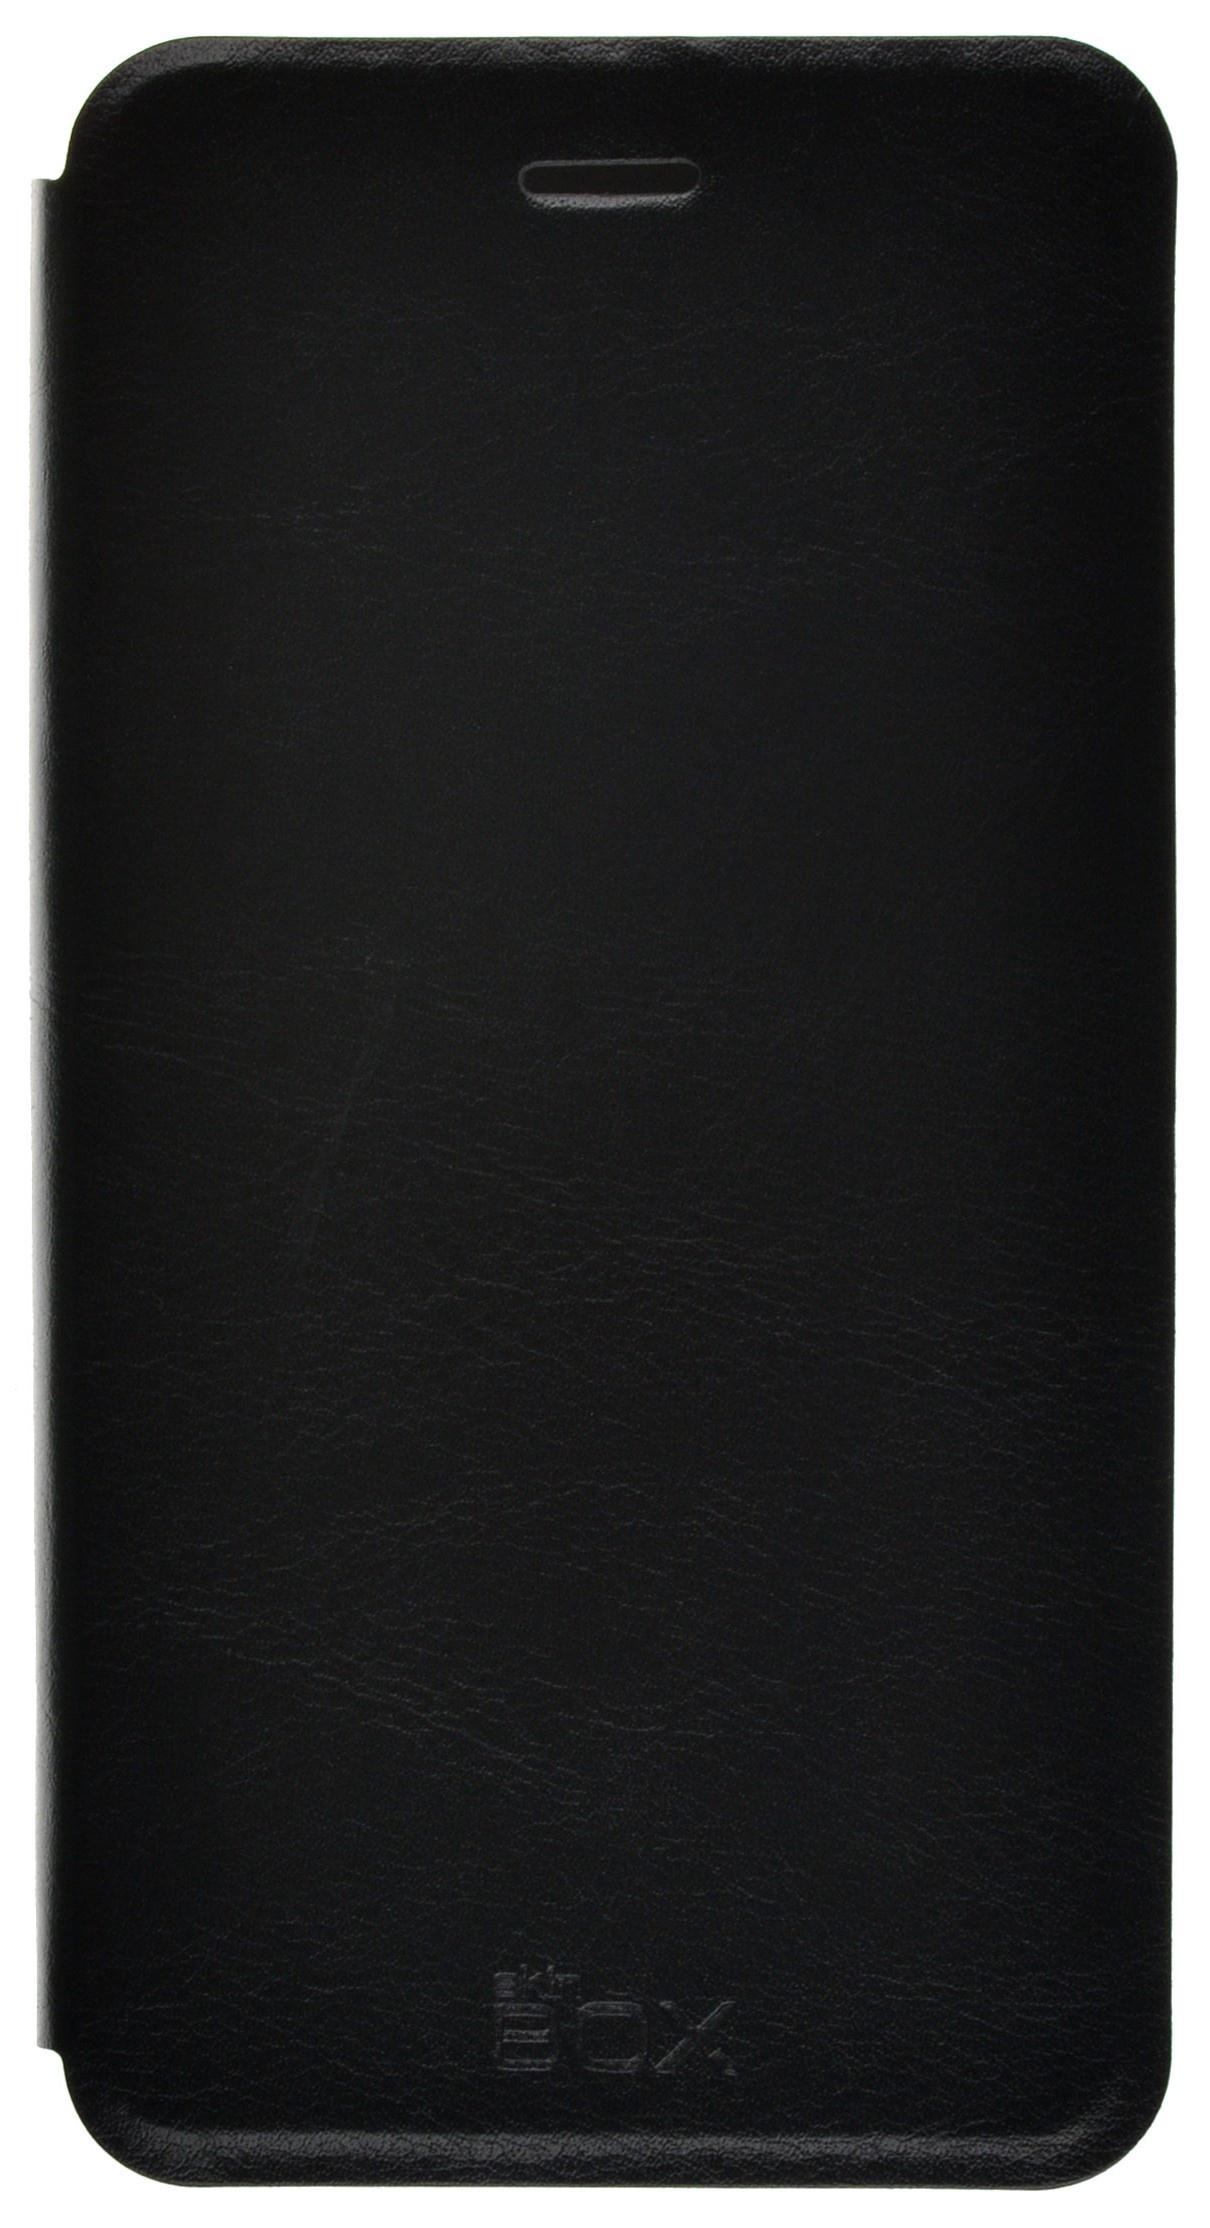 Чехол для сотового телефона skinBOX Lux, 4630042528345, черный чехол для sony f8331 f8332 xperia xz skinbox lux case черный